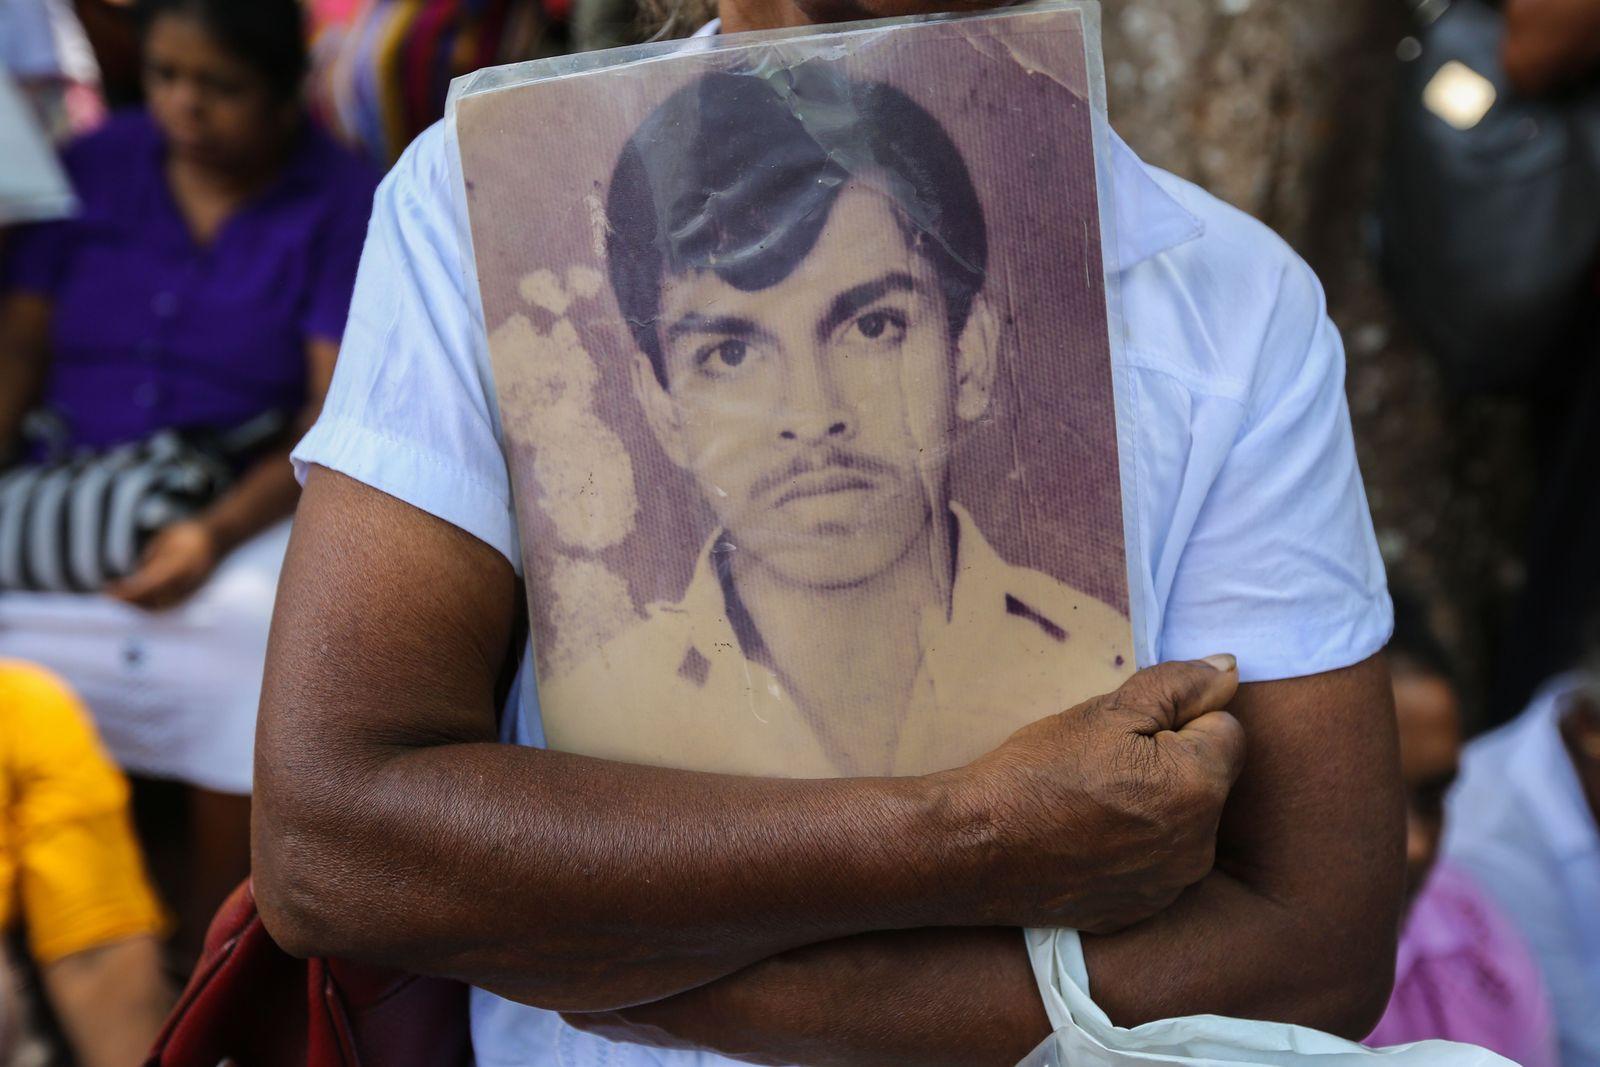 Valentine's Day in Sri Lanka, Colombo - 14 Feb 2020